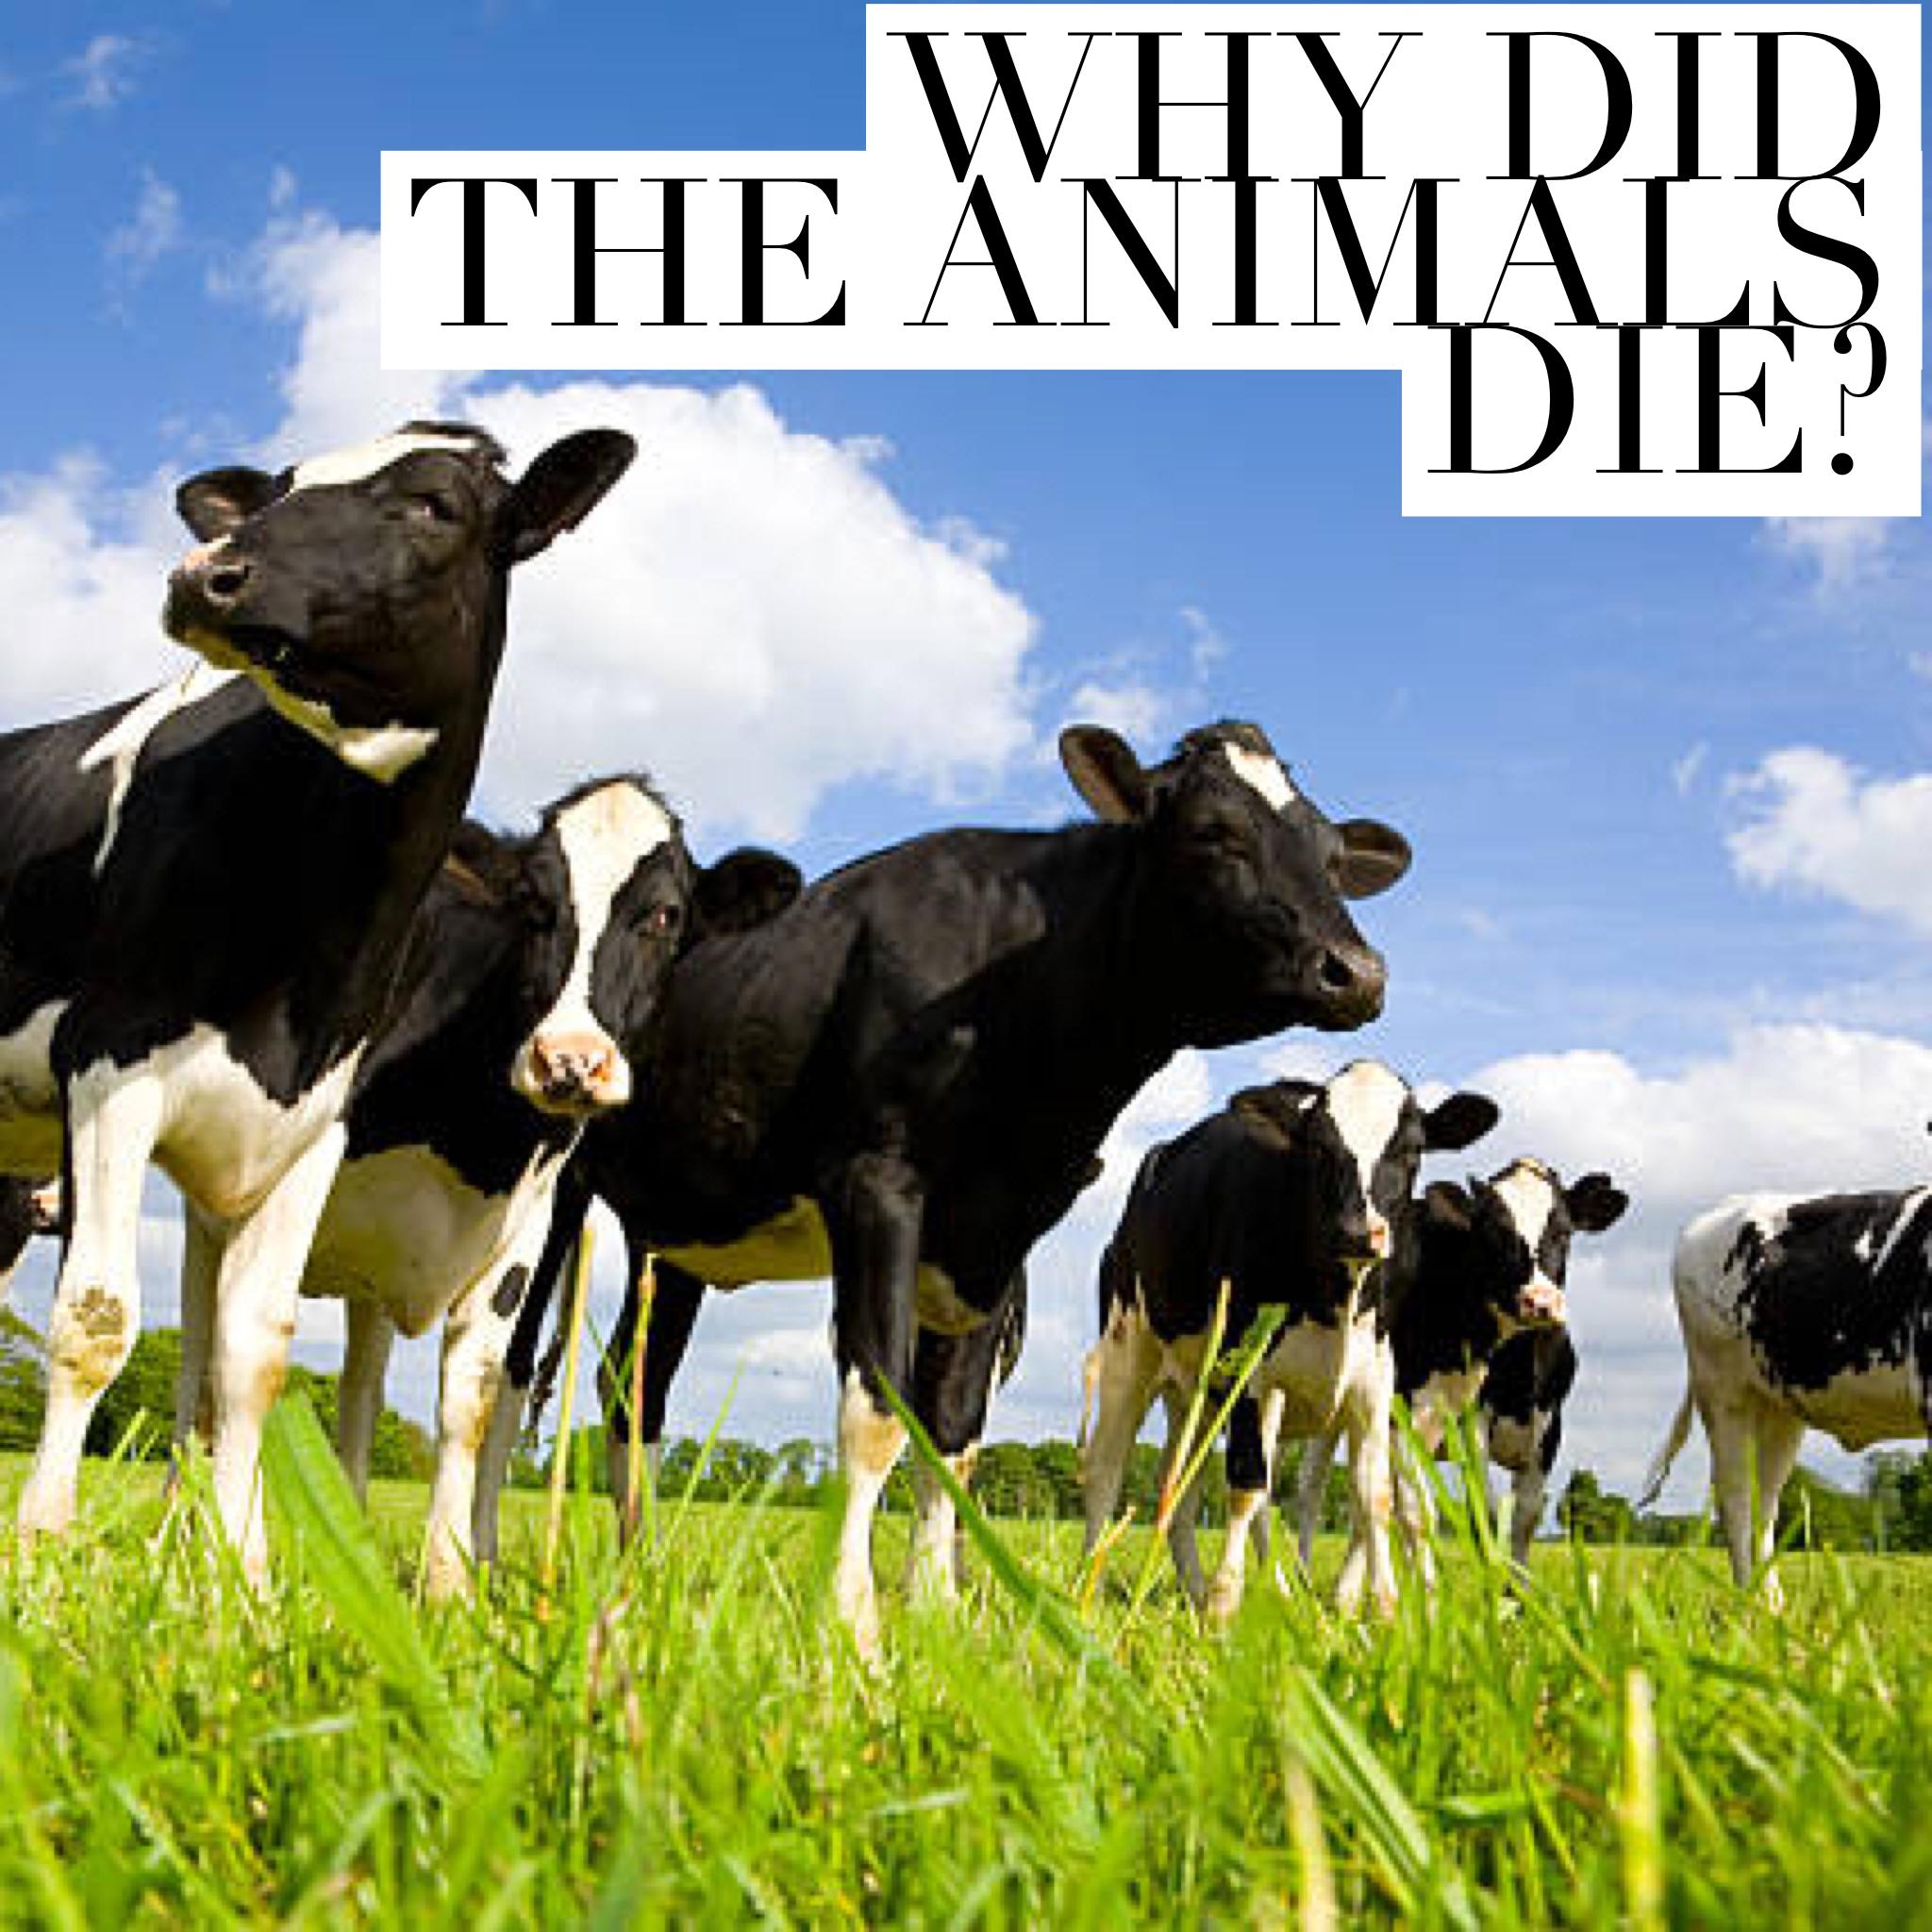 animals cattle cavan drung ballyhaise agricultural redhills stradone larah lavey